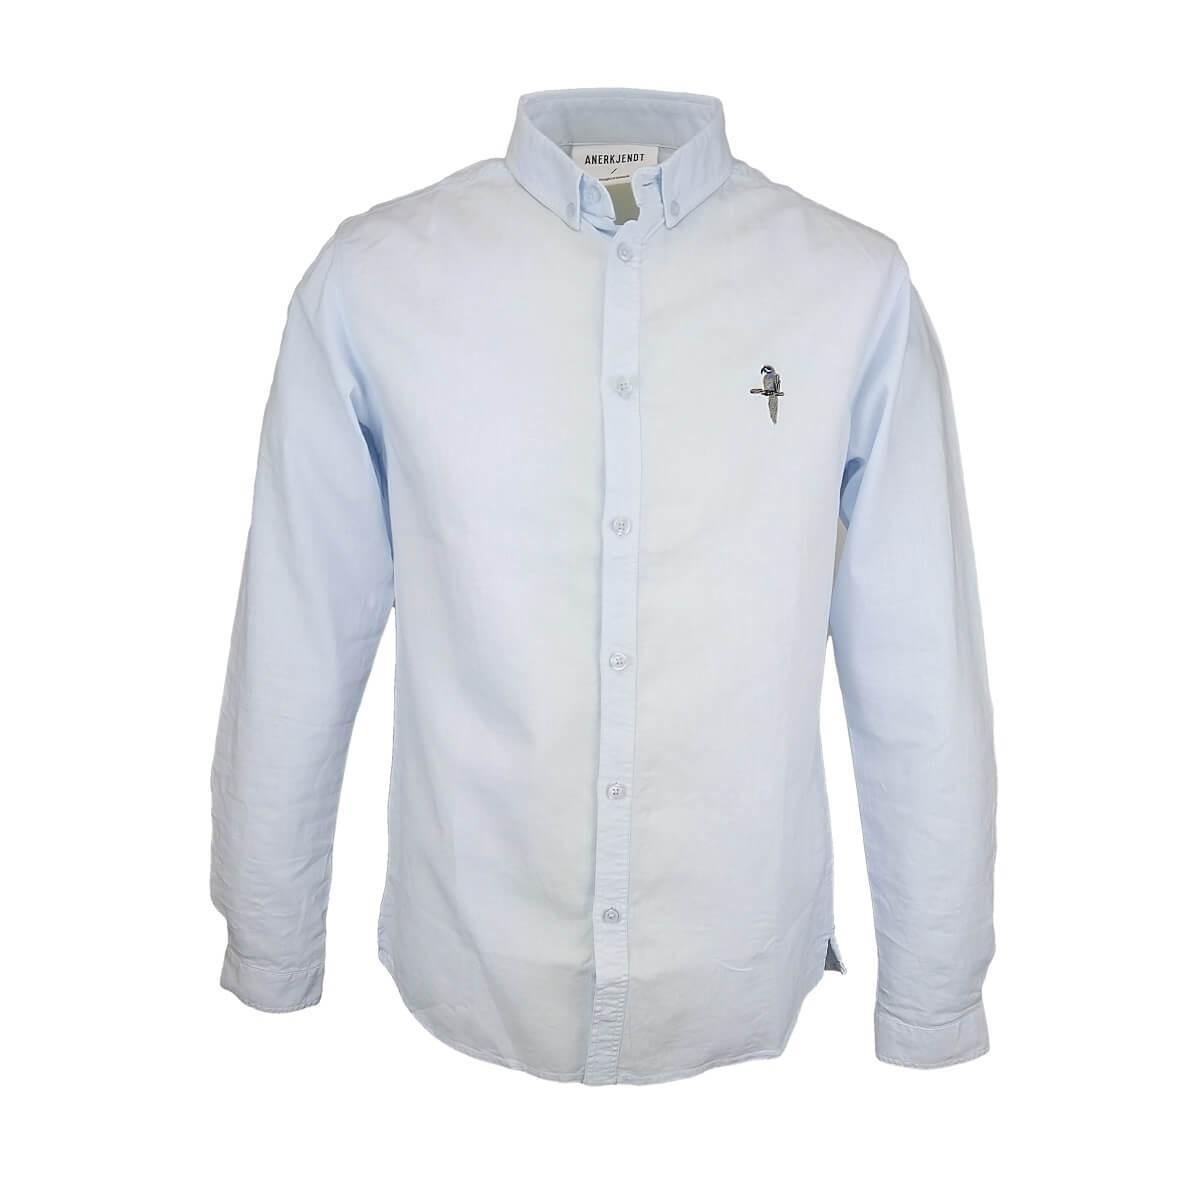 Afbeelding van Anerkjendt Early shirt blauw